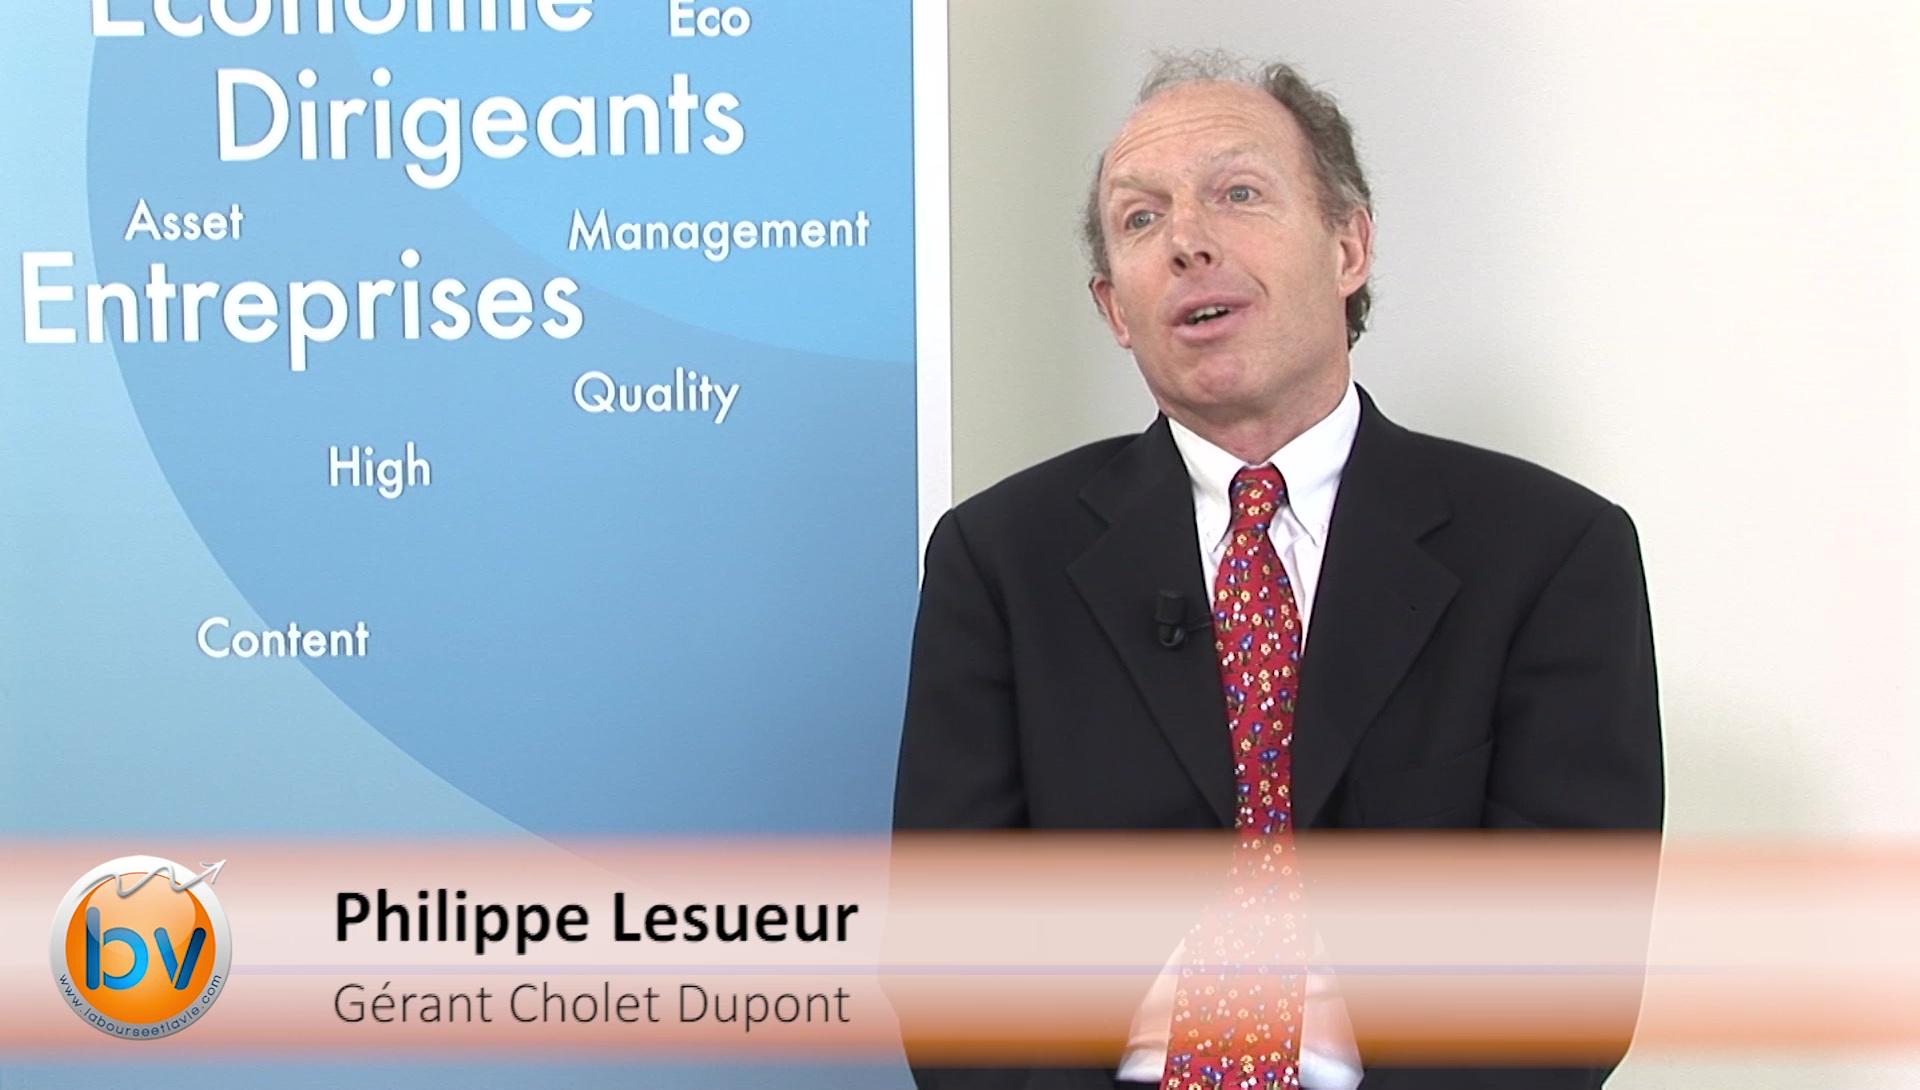 """Philippe Lesueur Gérant Cholet Dupont : """"Les tendances de fond demeurent malgré la volatilité actuelle"""""""